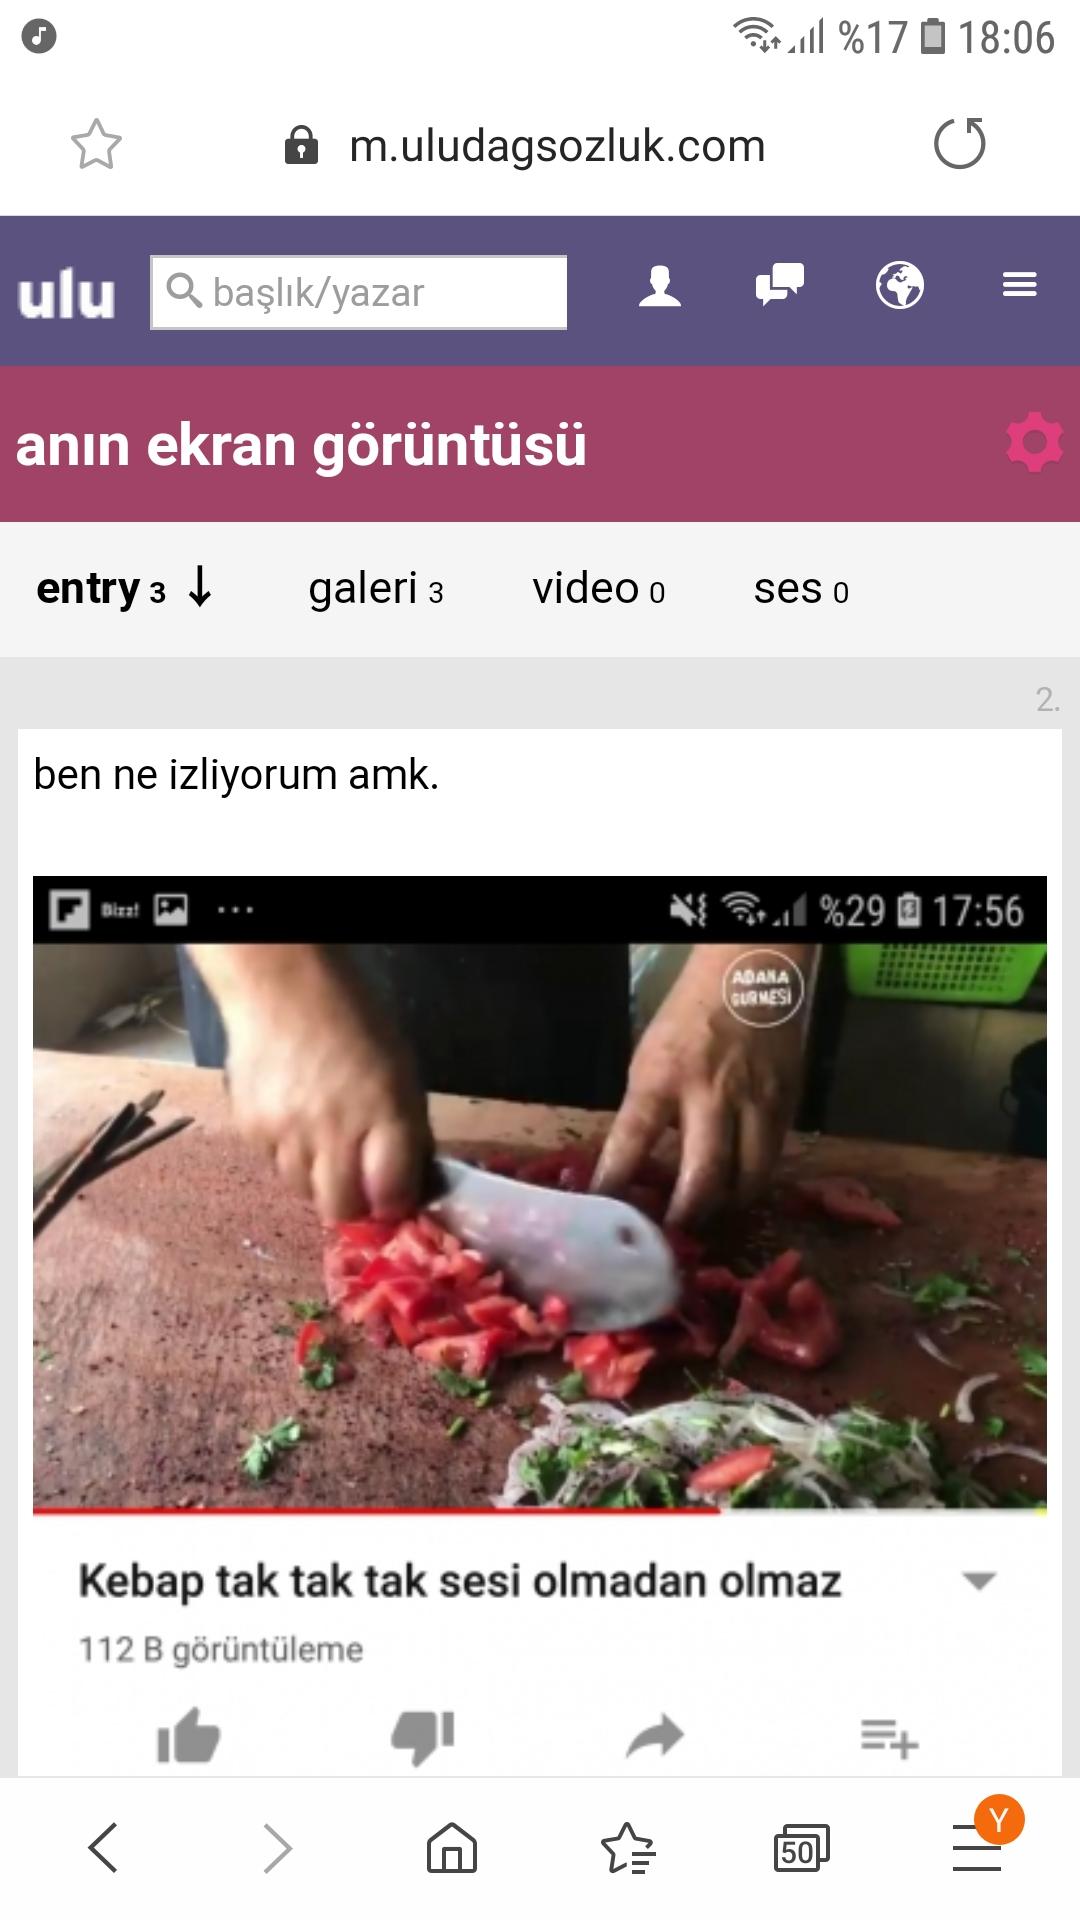 anın ekran görüntüsü